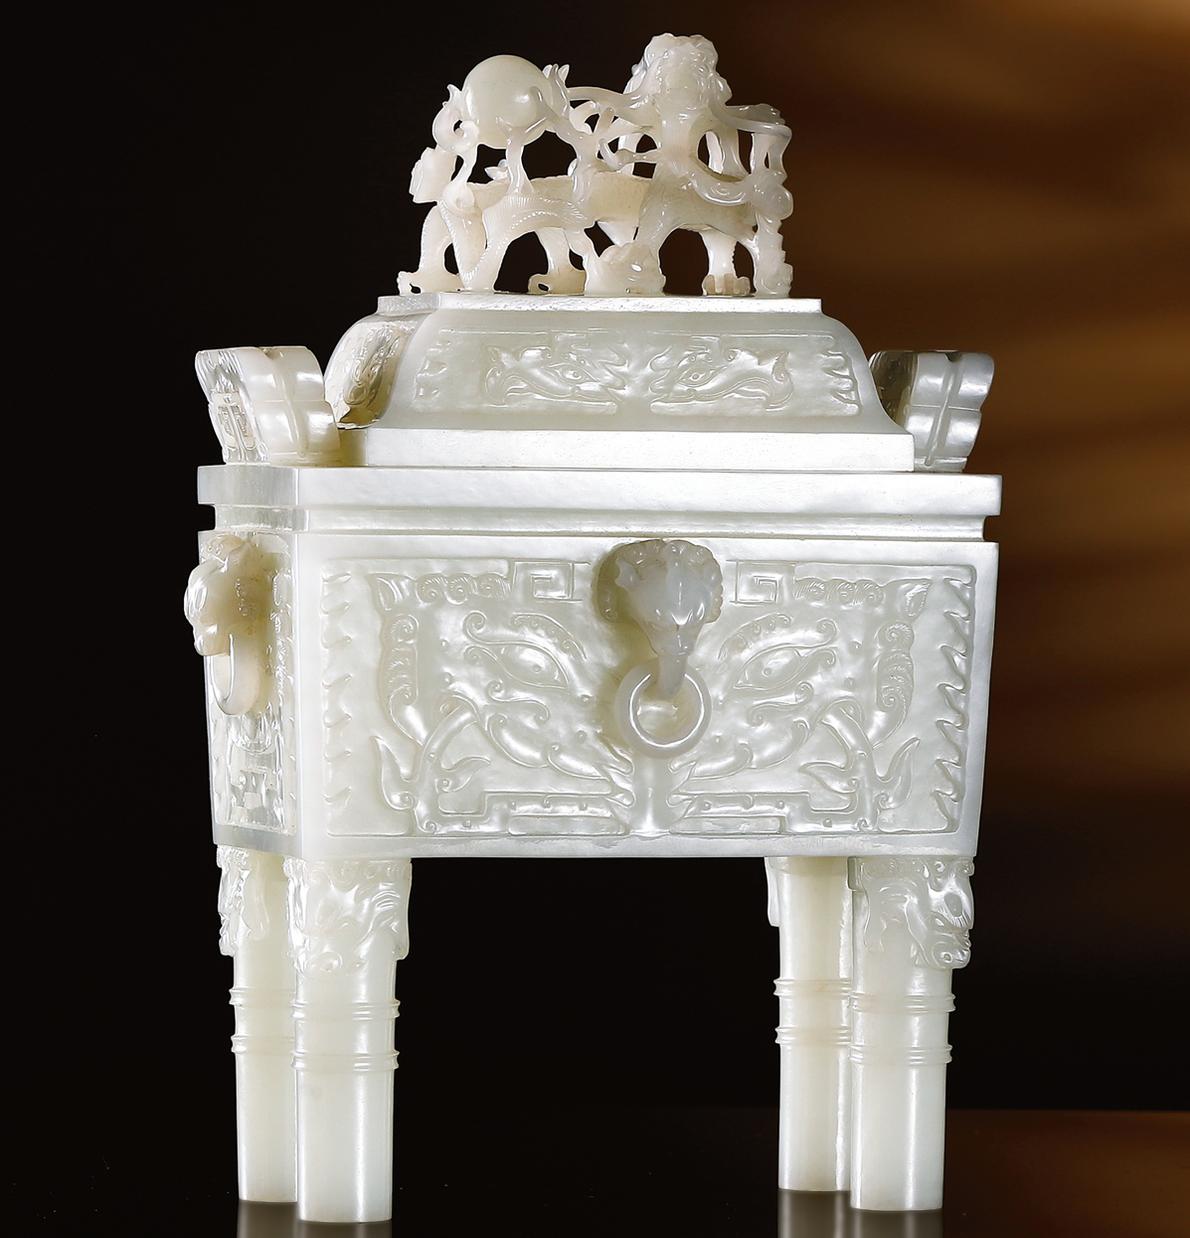 西泠拍卖2月15-18日 北京、天津公开征集藏品